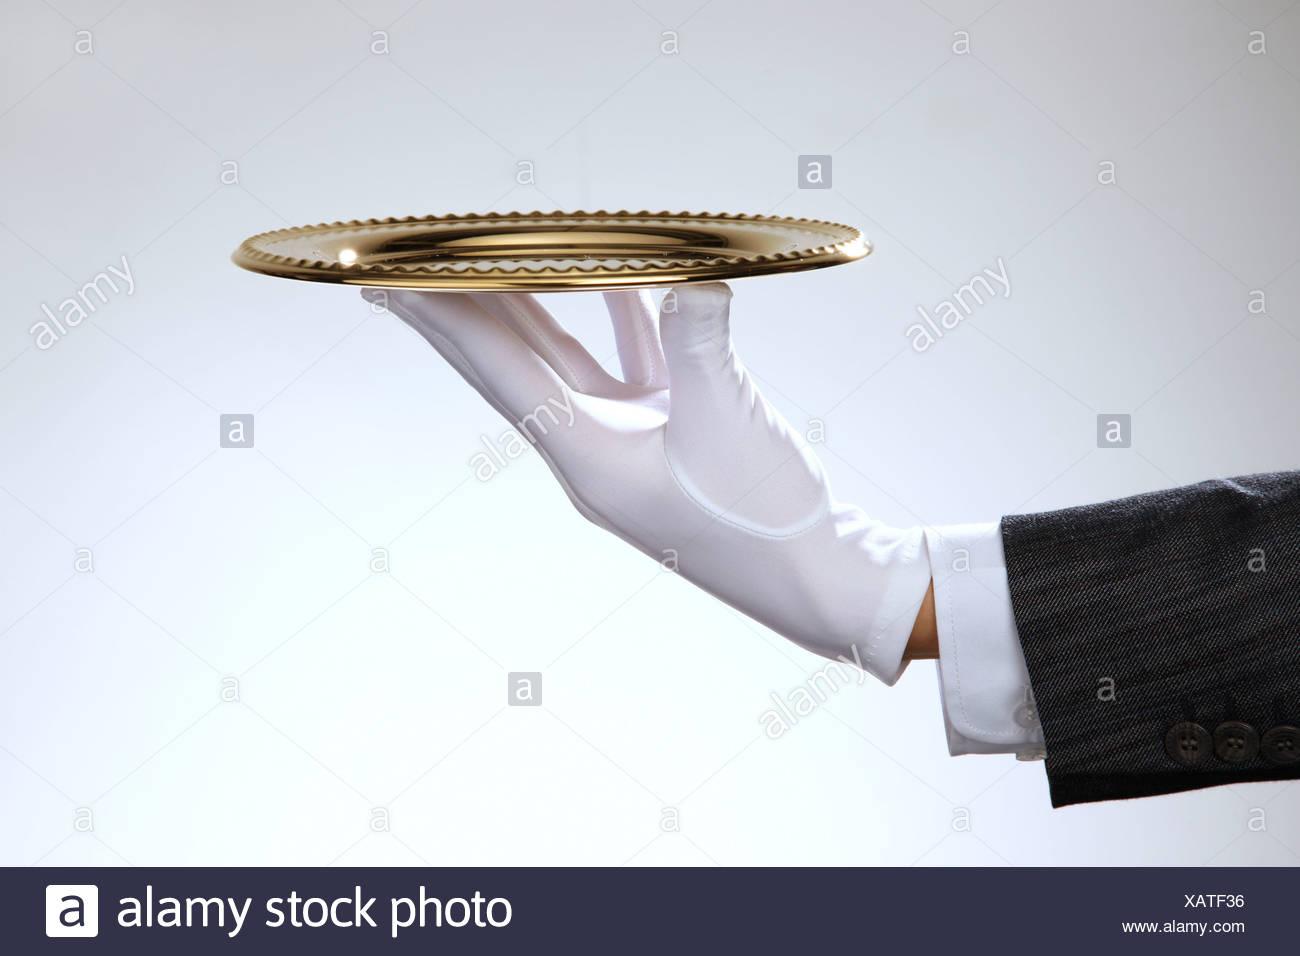 Serving Tray,still life - Stock Image